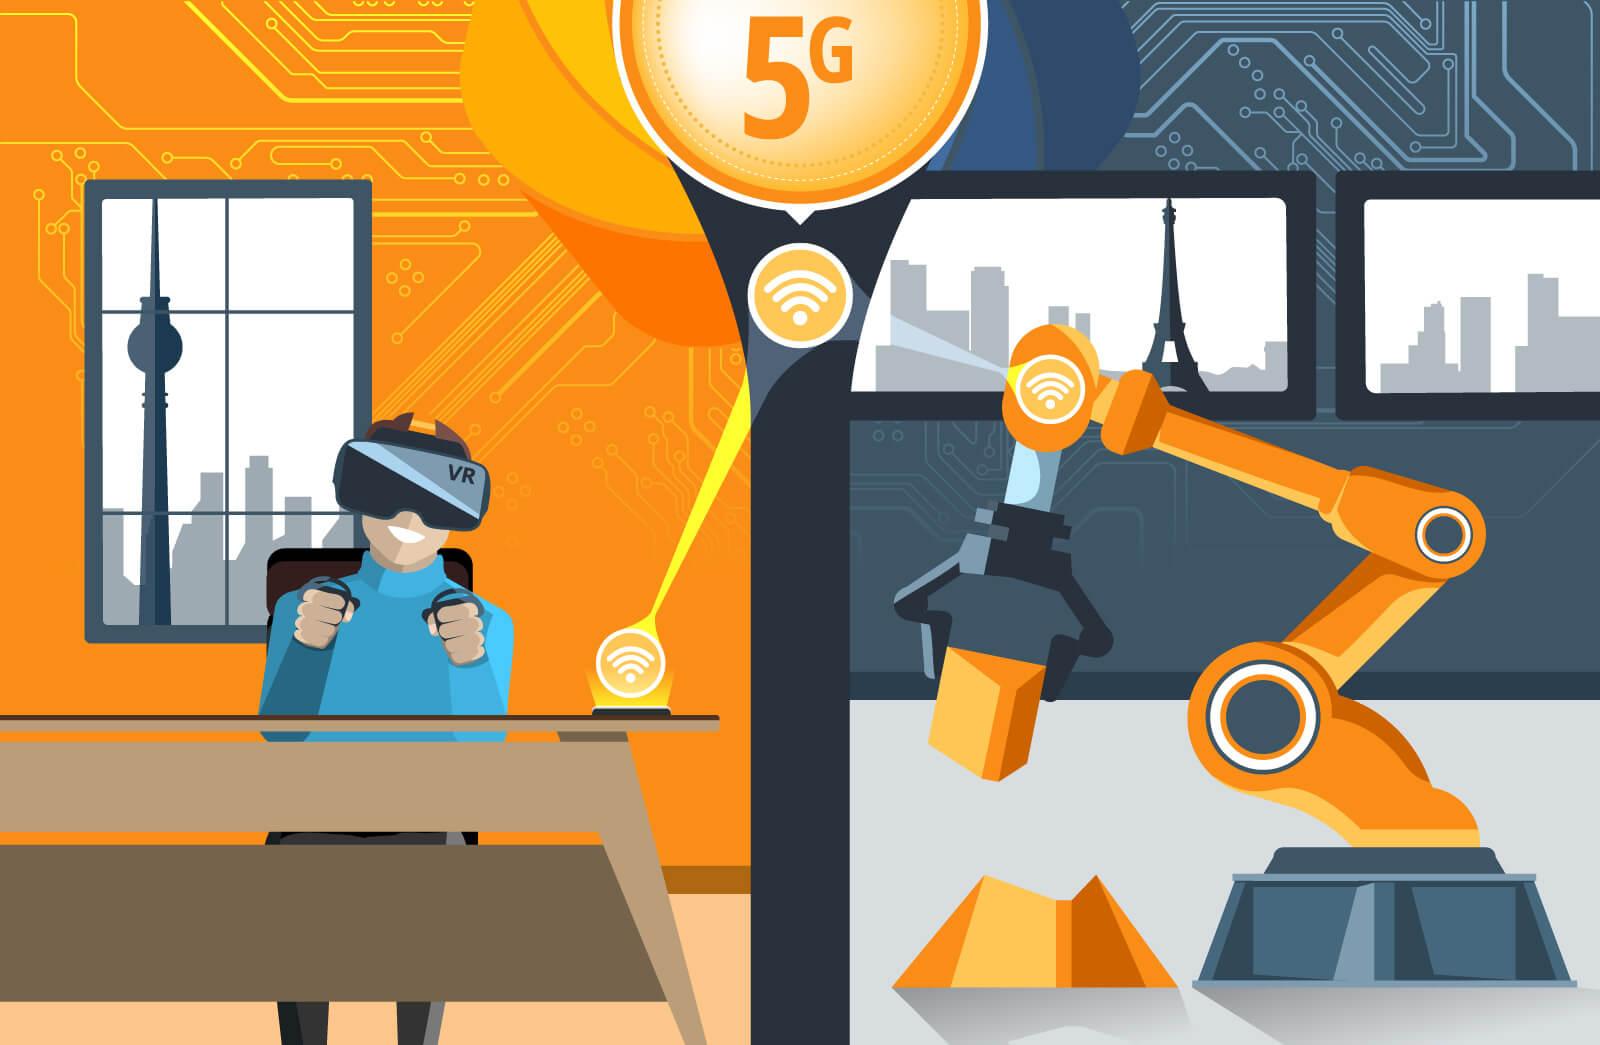 Ein Mensch steuert eine Maschine über die Entfernung mithilfe des neuen 5G Netzes